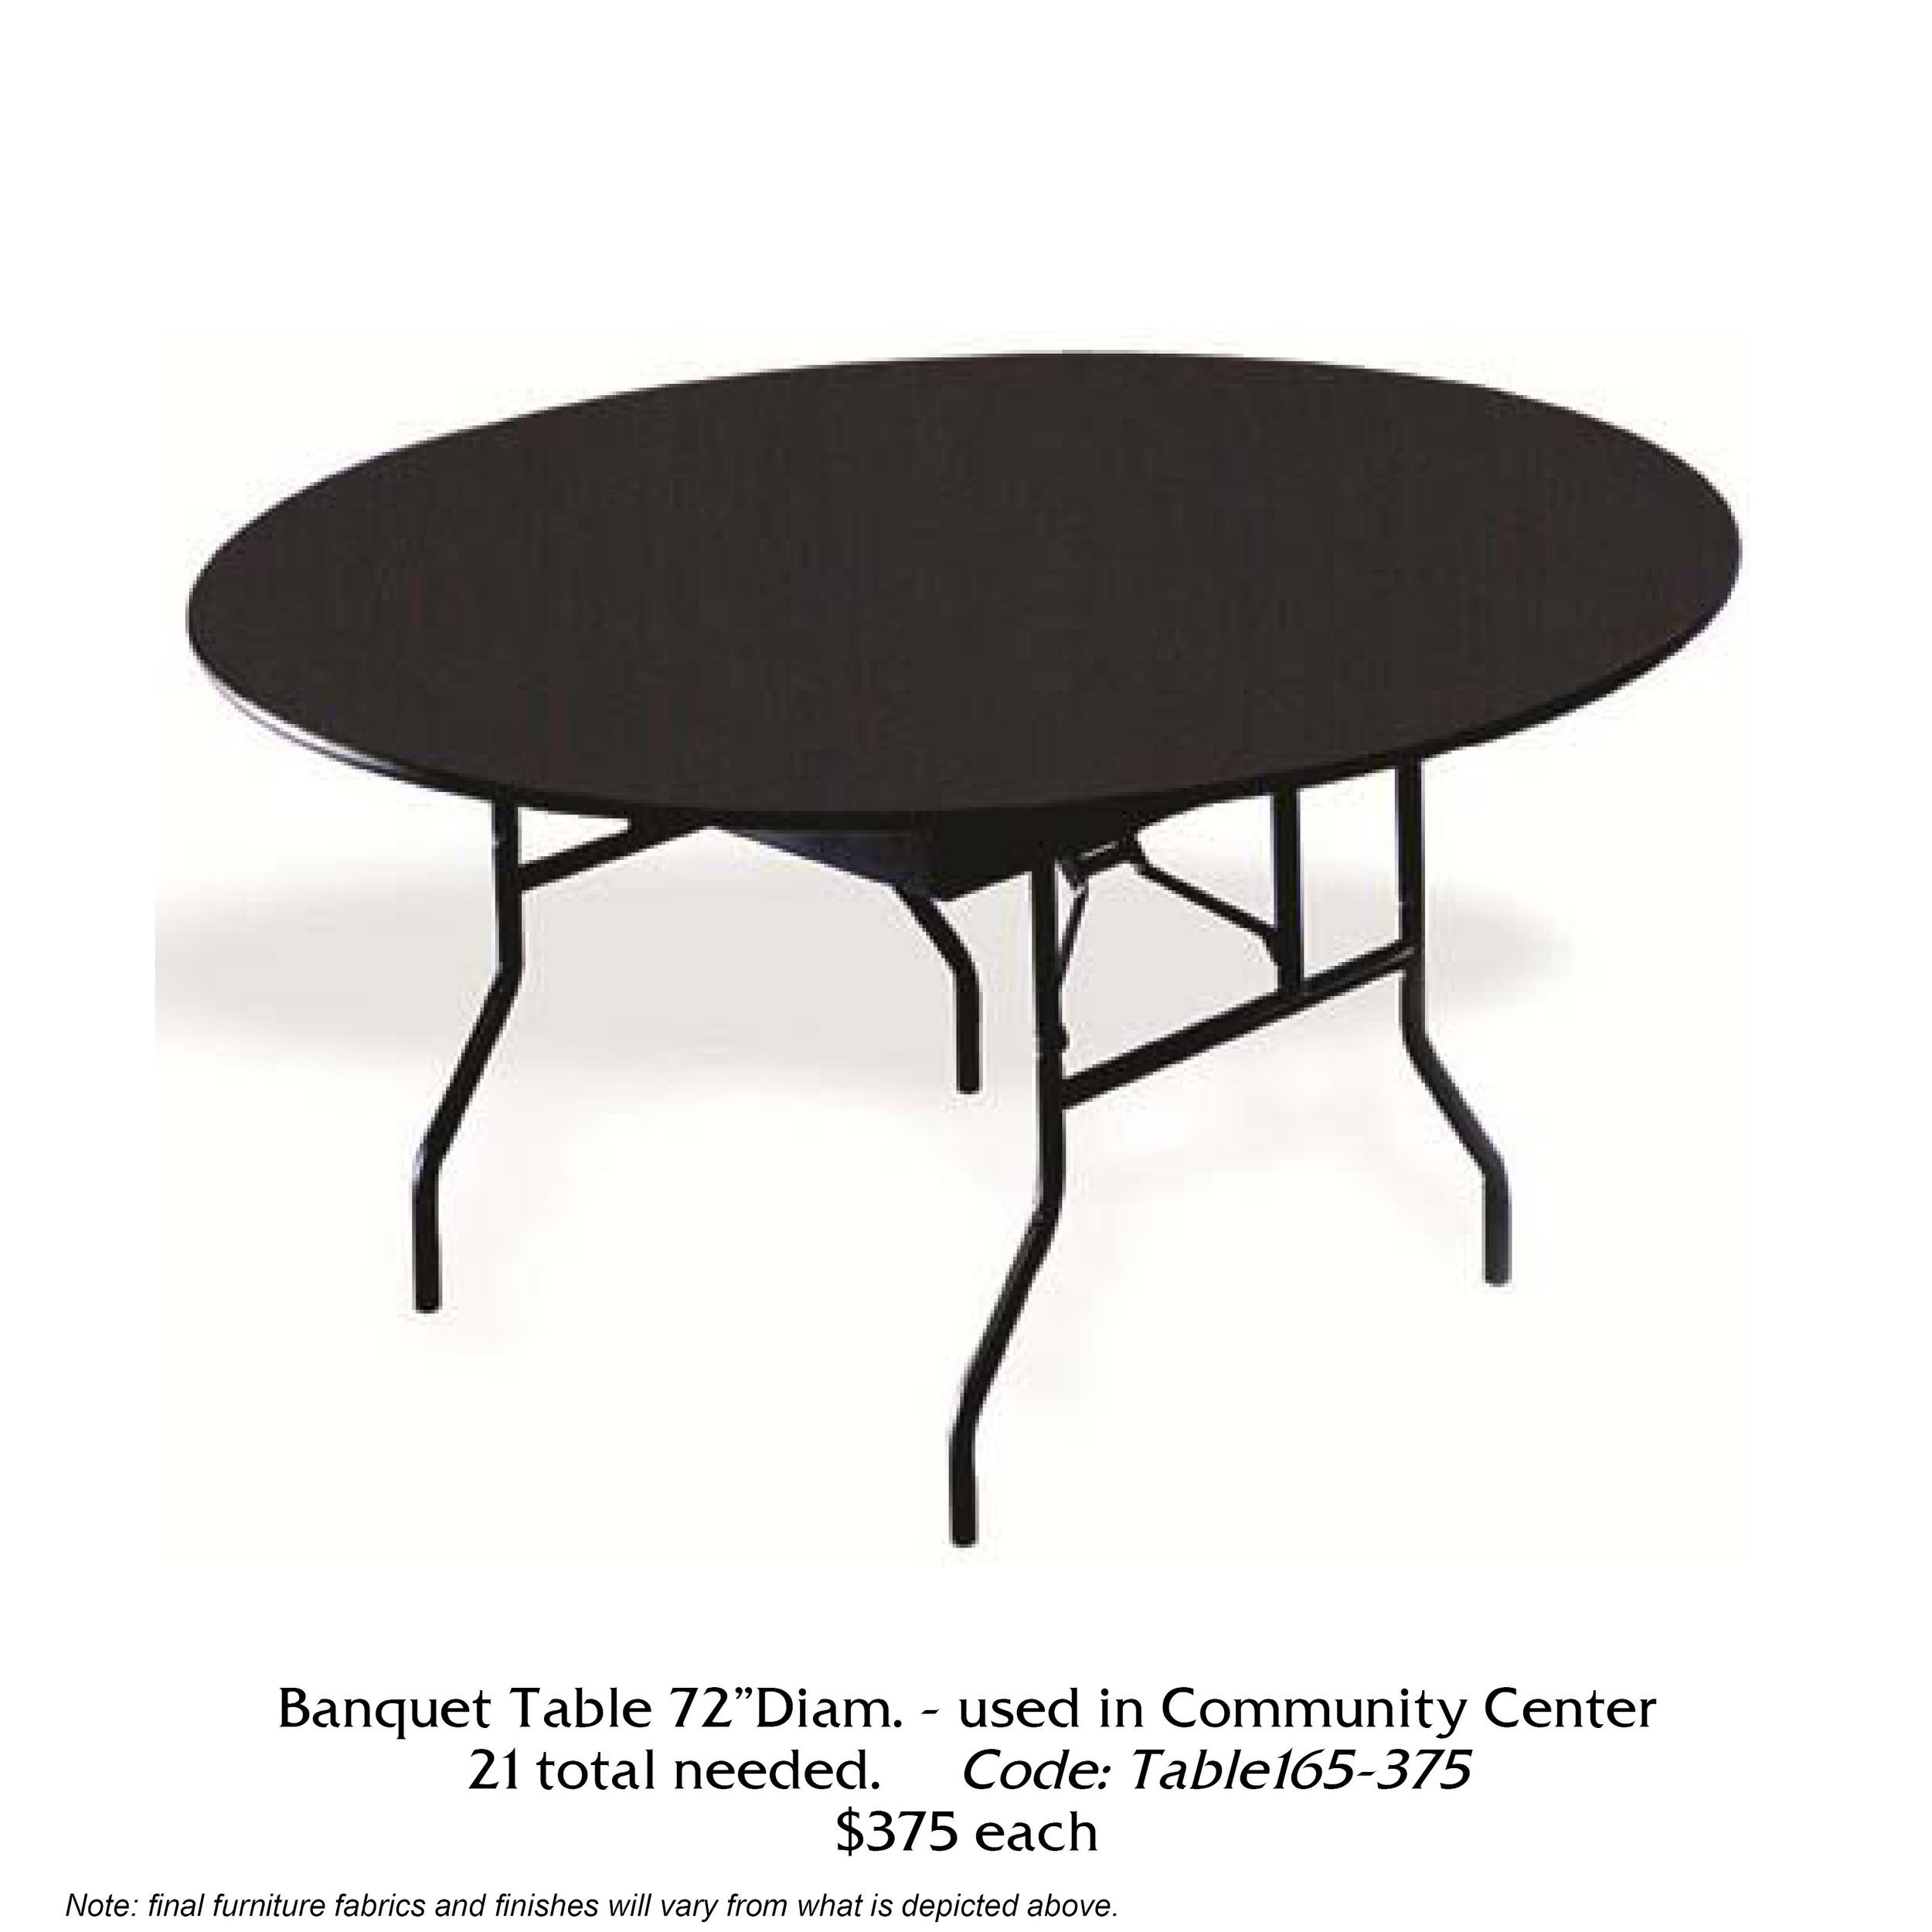 C139-A165-Banquet Table - 21.jpg